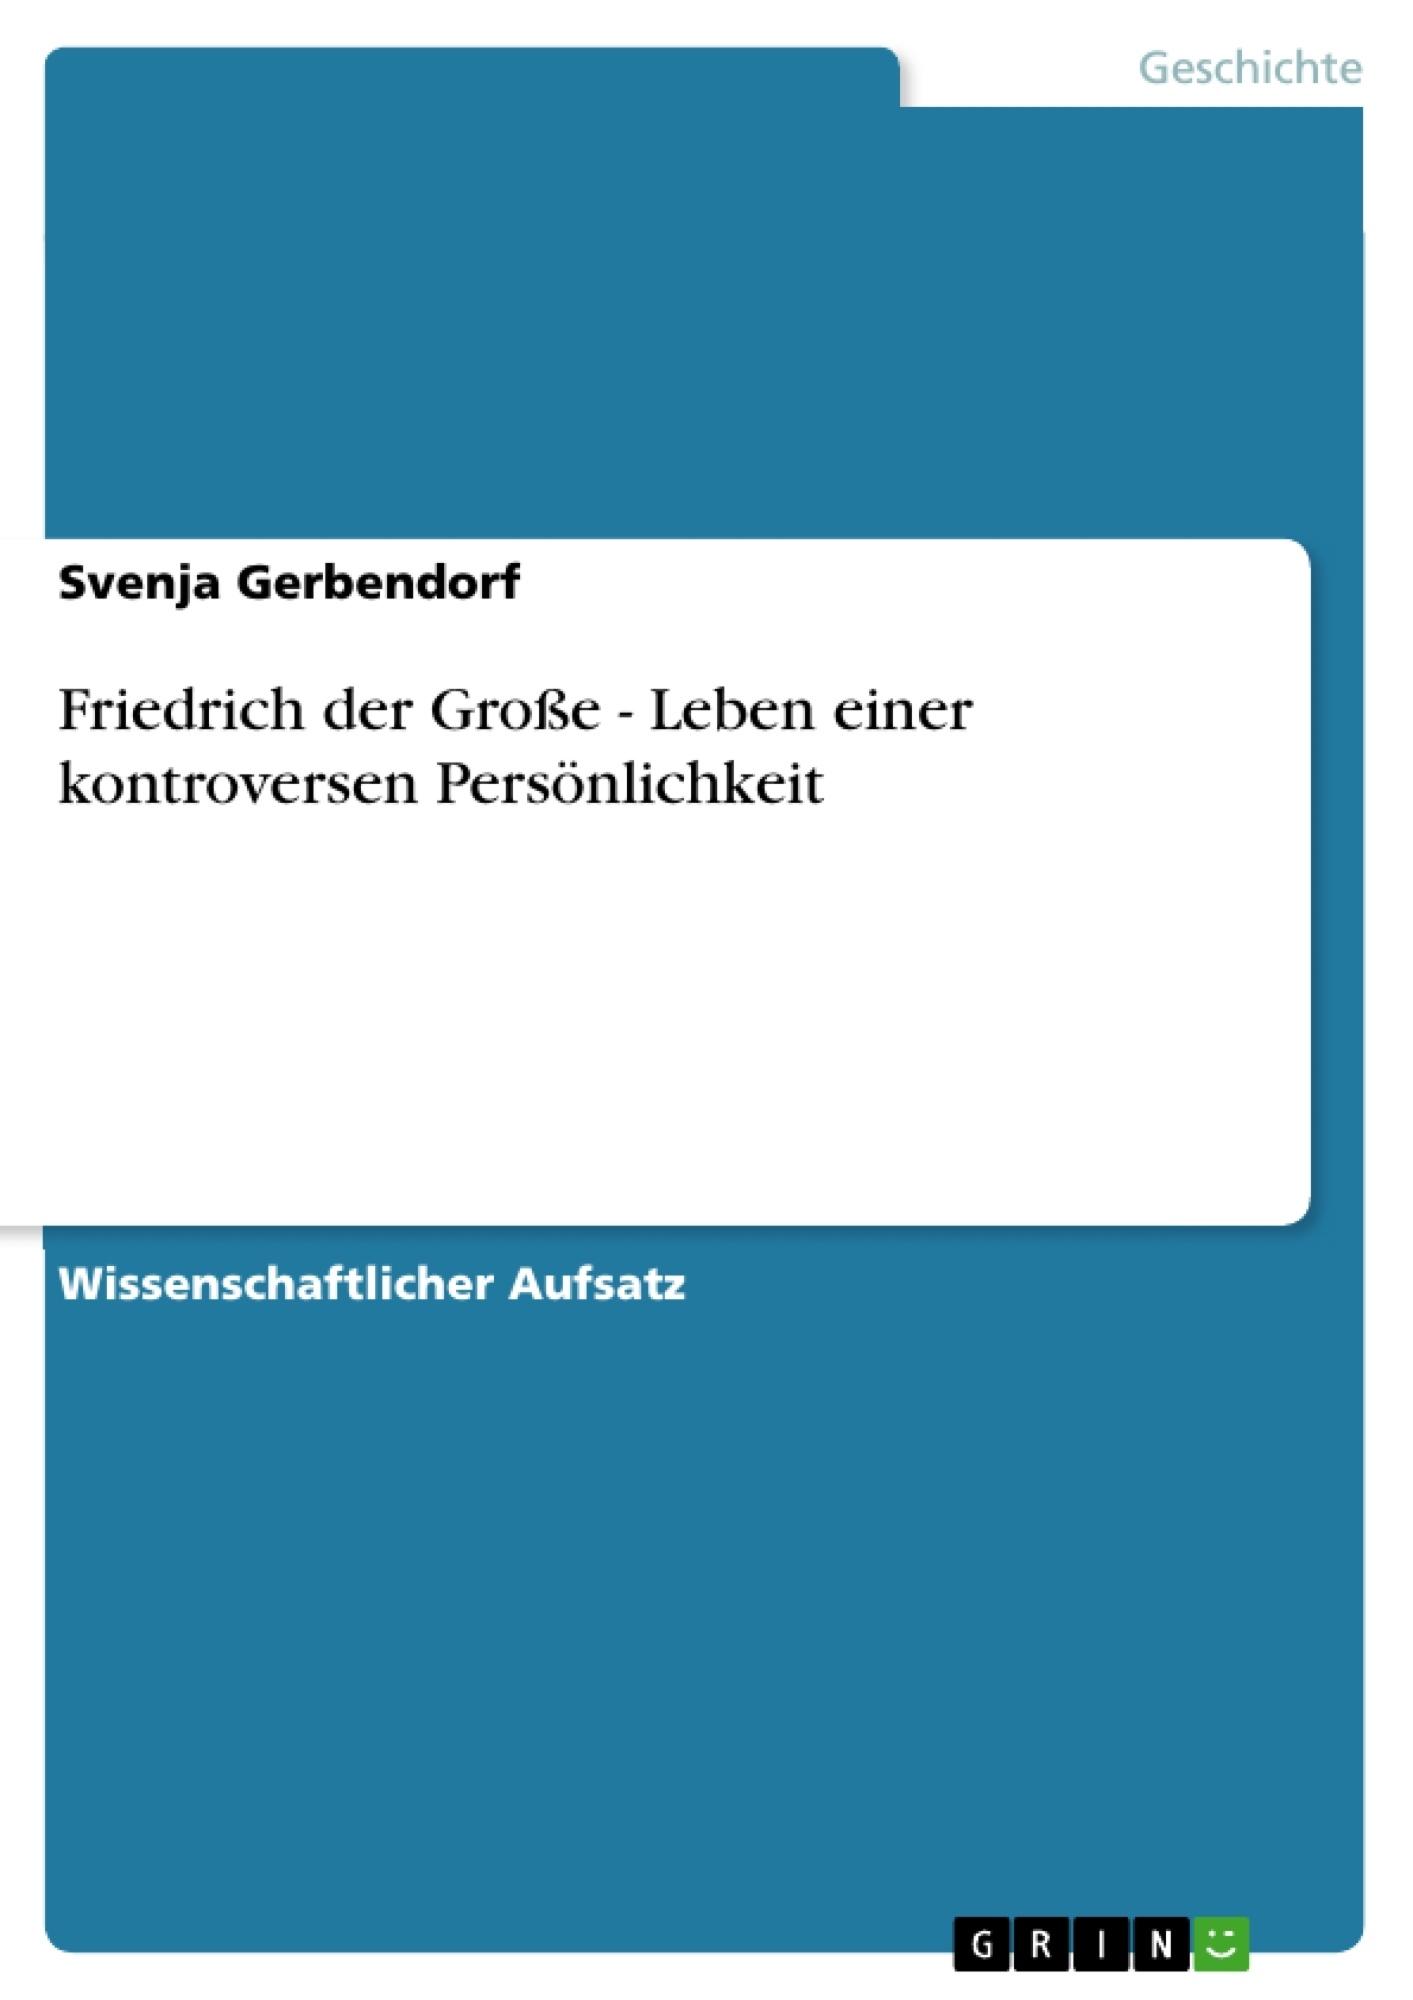 Titel: Friedrich der Große - Leben einer kontroversen Persönlichkeit